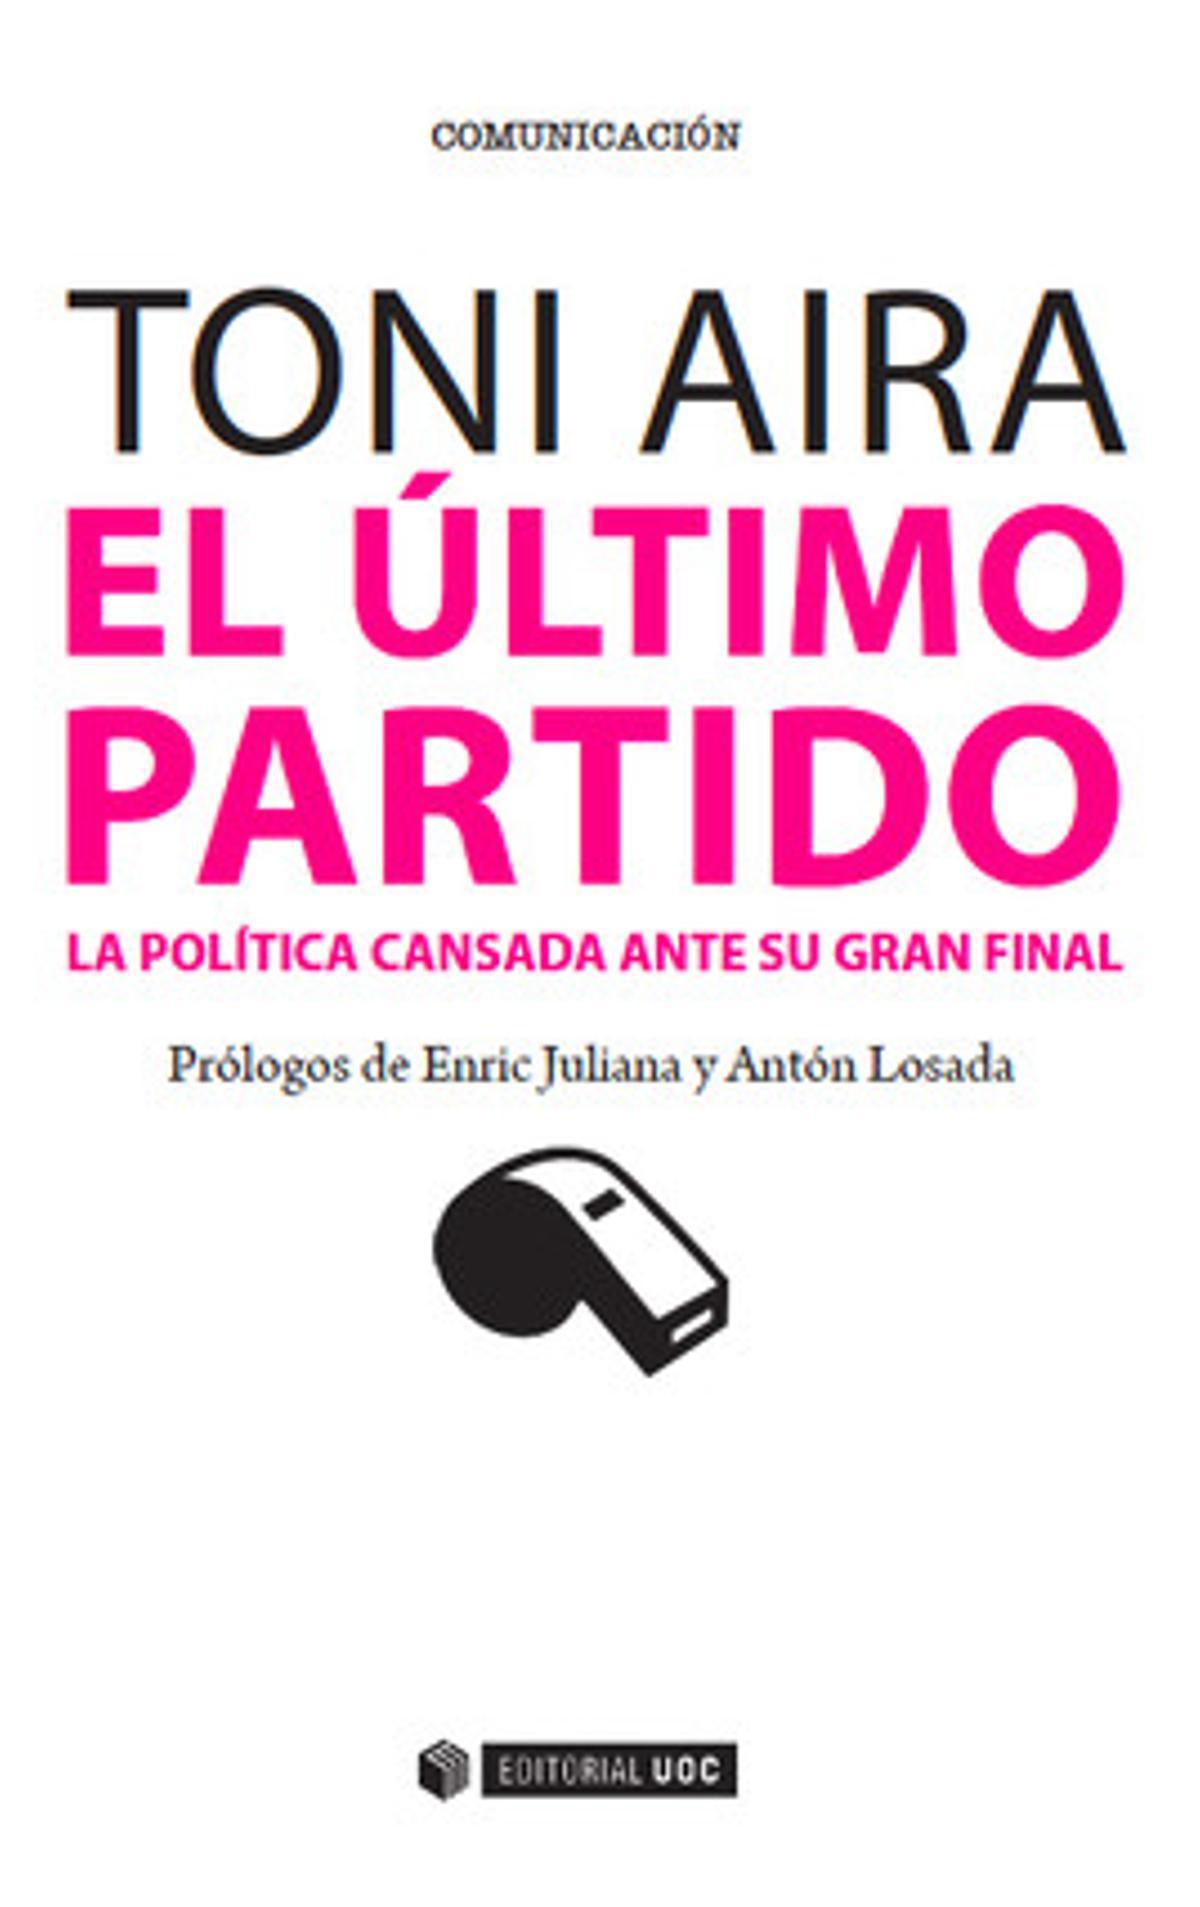 Portada del libro El último partido. La política cansada ante su gran final del periodista Toni Aira Foix.